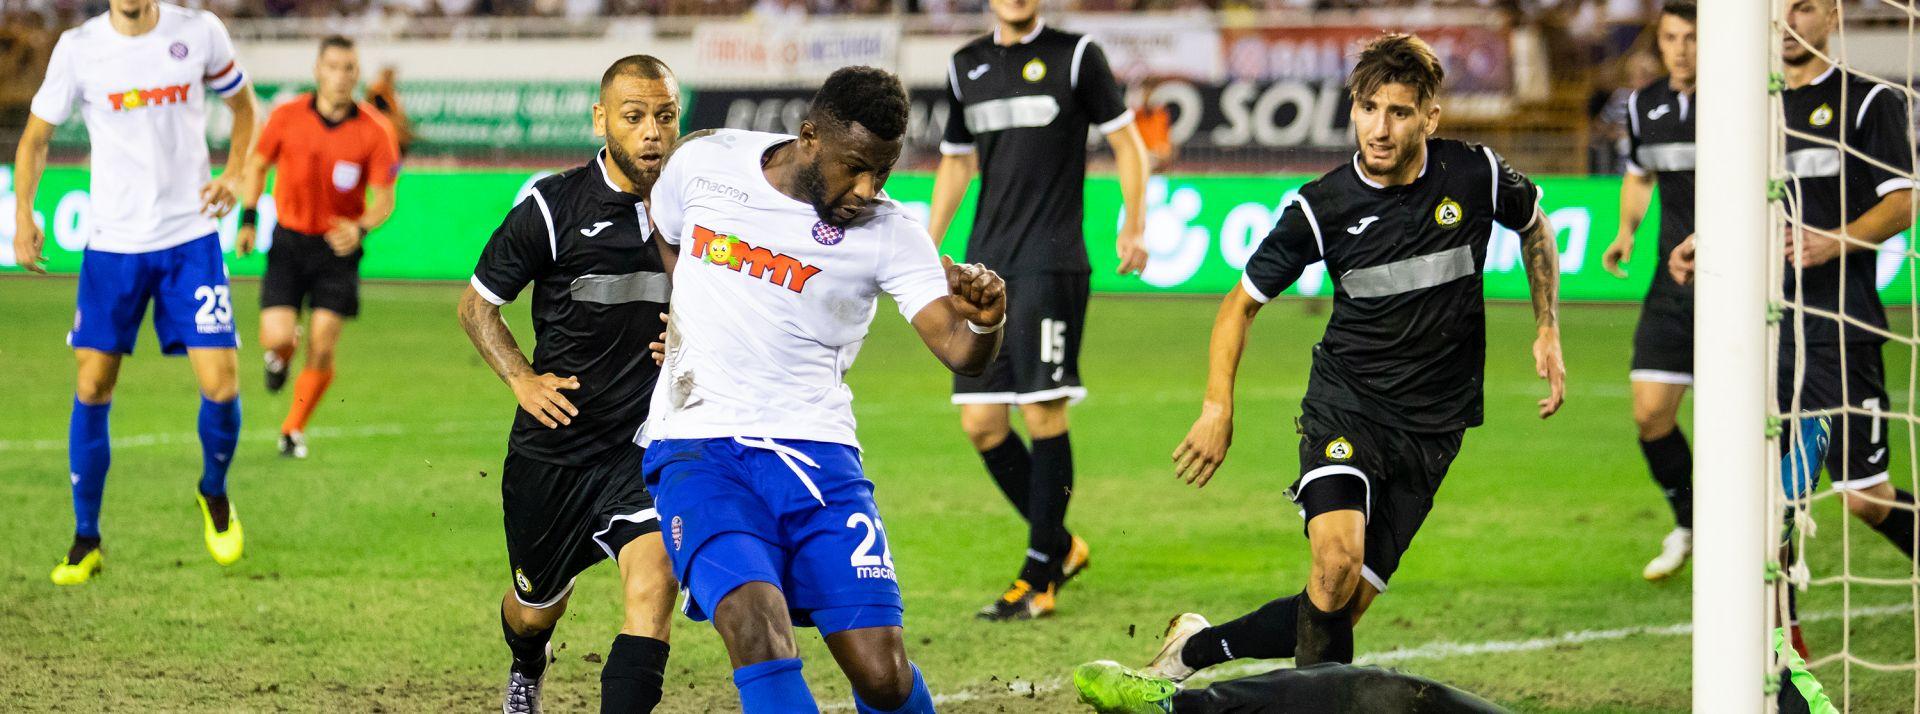 Saidu četiri utakmice, kazne i za Hajduk i Goricu